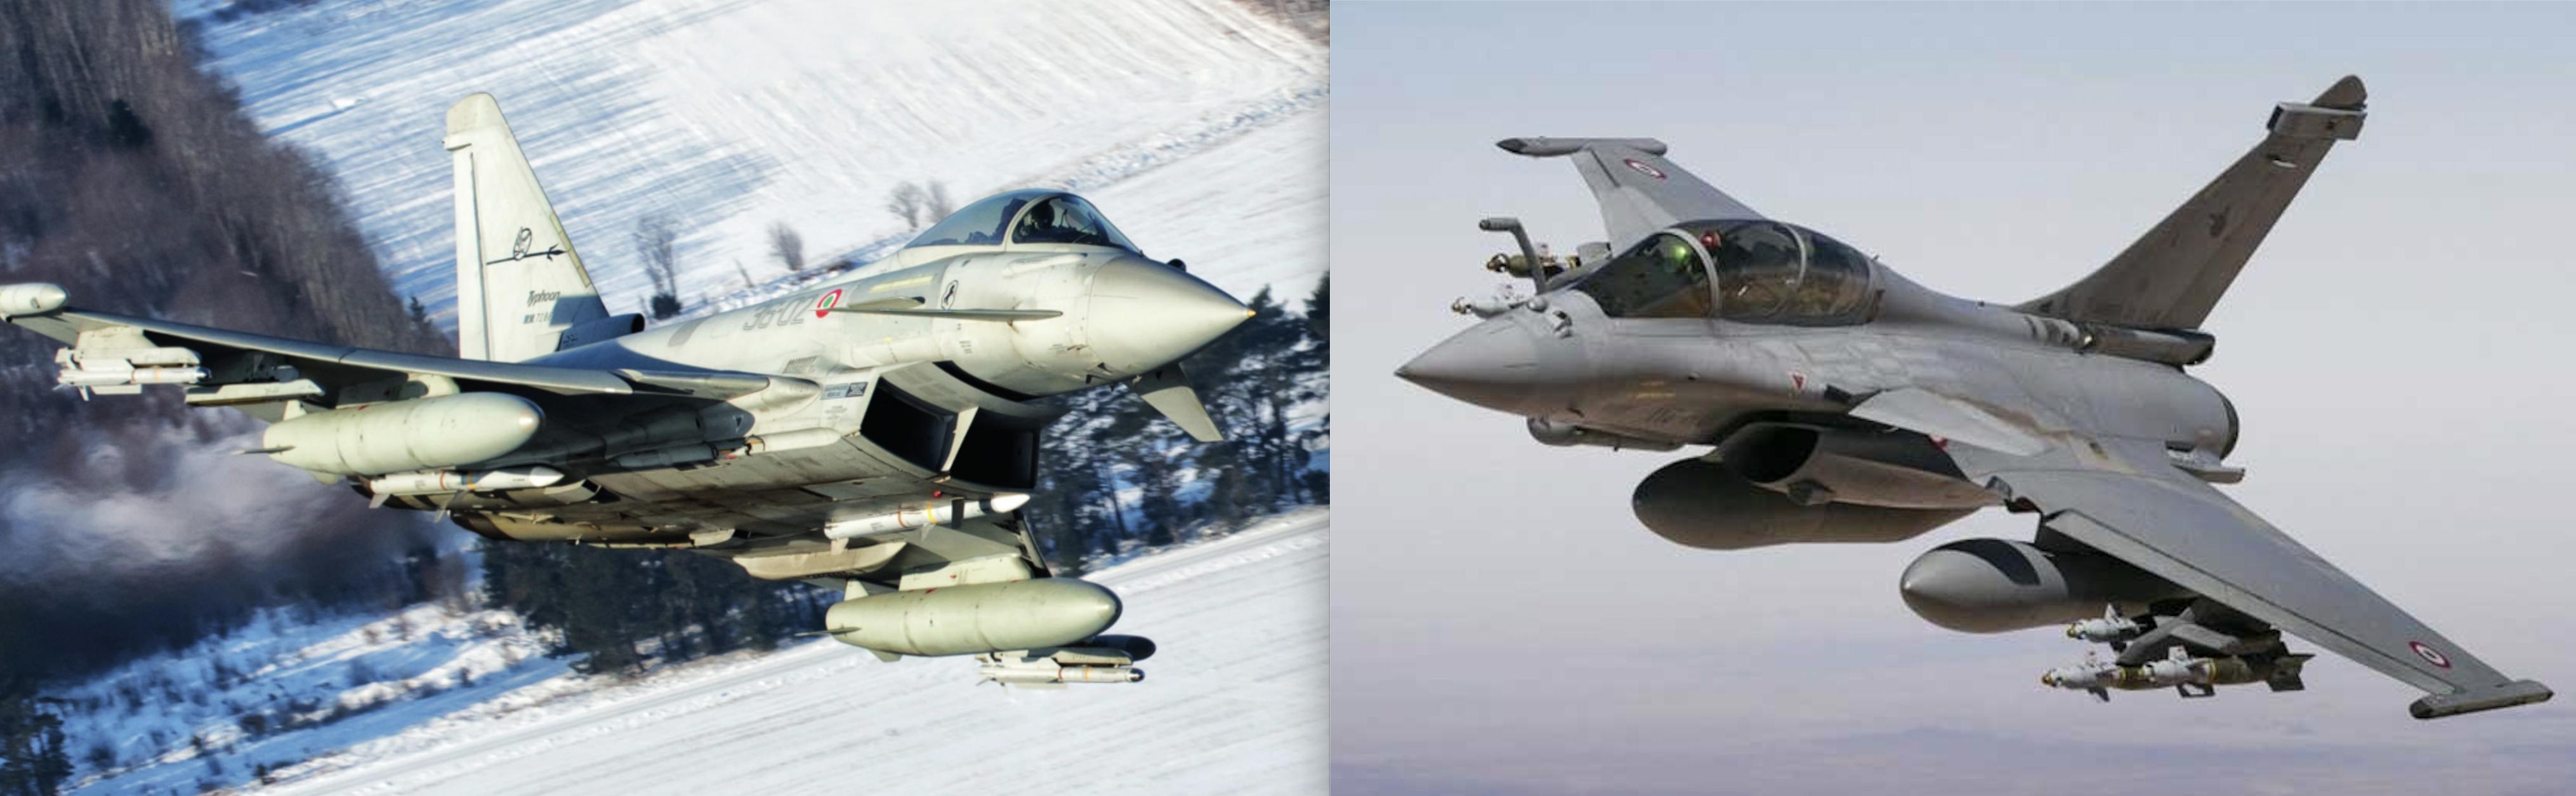 Eurofighter Typhoon versus Dassault Rafale: A 2020 comparison